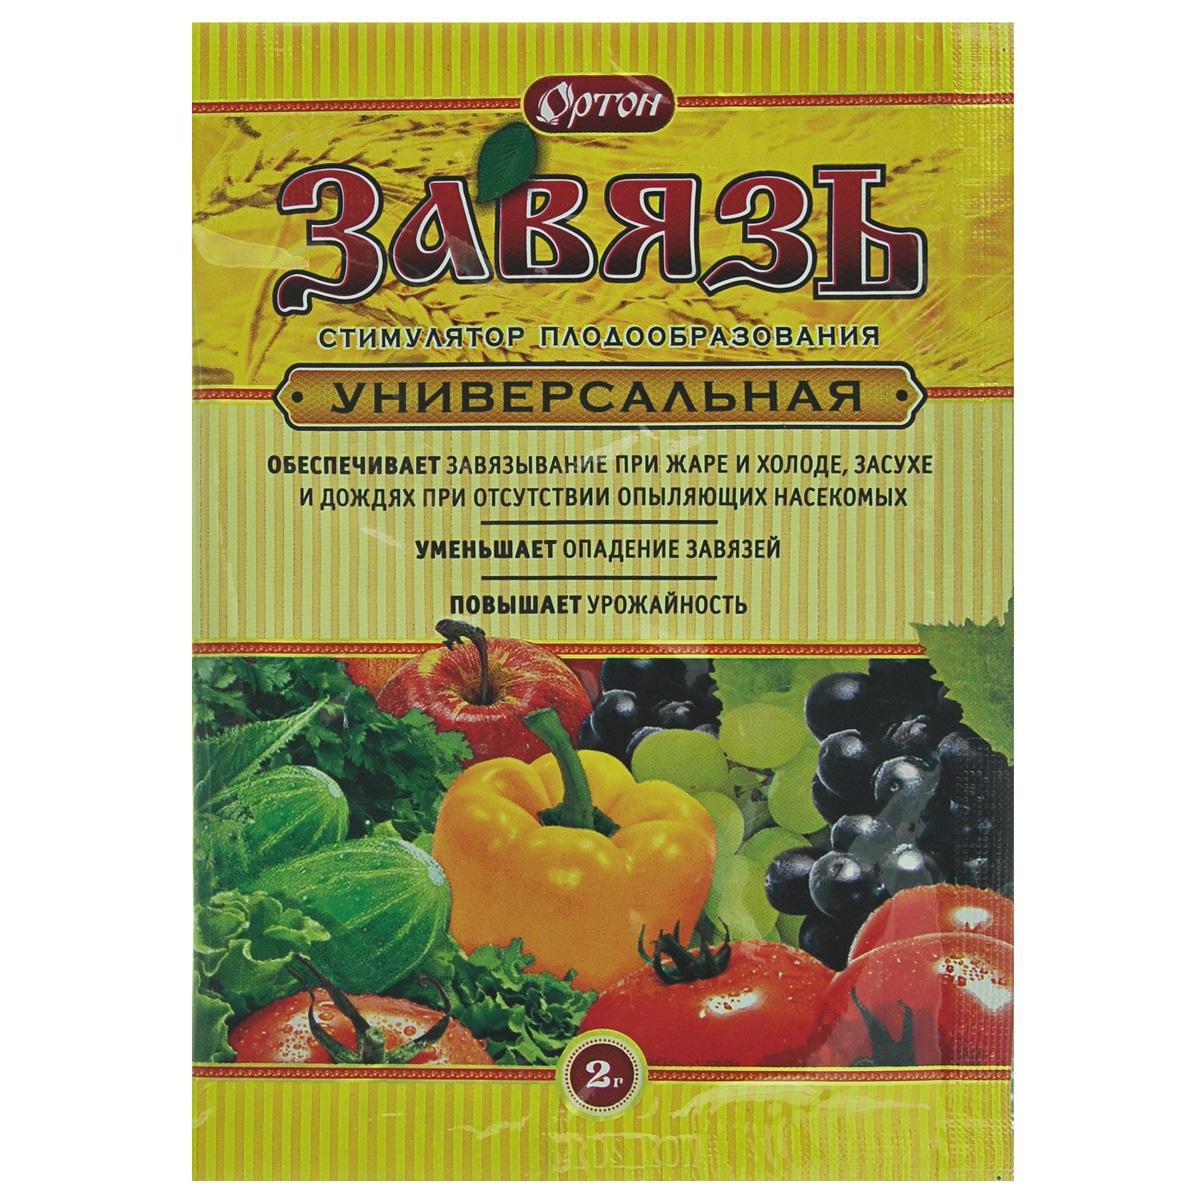 Стимулятор плодообразования Ортон Завязь универсальная, 2 г61Стимулятор роста растений Ортон Завязь универсальная предназначен для применения на овощных и плодово-ягодных культурах. Улучшает завязывание плодов, предотвращает опадение завязей, ускоряет рост и созревание плодов, улучшает их качество, повышает урожайность на 15-30%. Эффективен при неблагоприятных для завязывания условиях. Класс опасности 3 (умеренно опасные вещества). Способ приготовления раствора указан на упаковке. Товар сертифицирован.